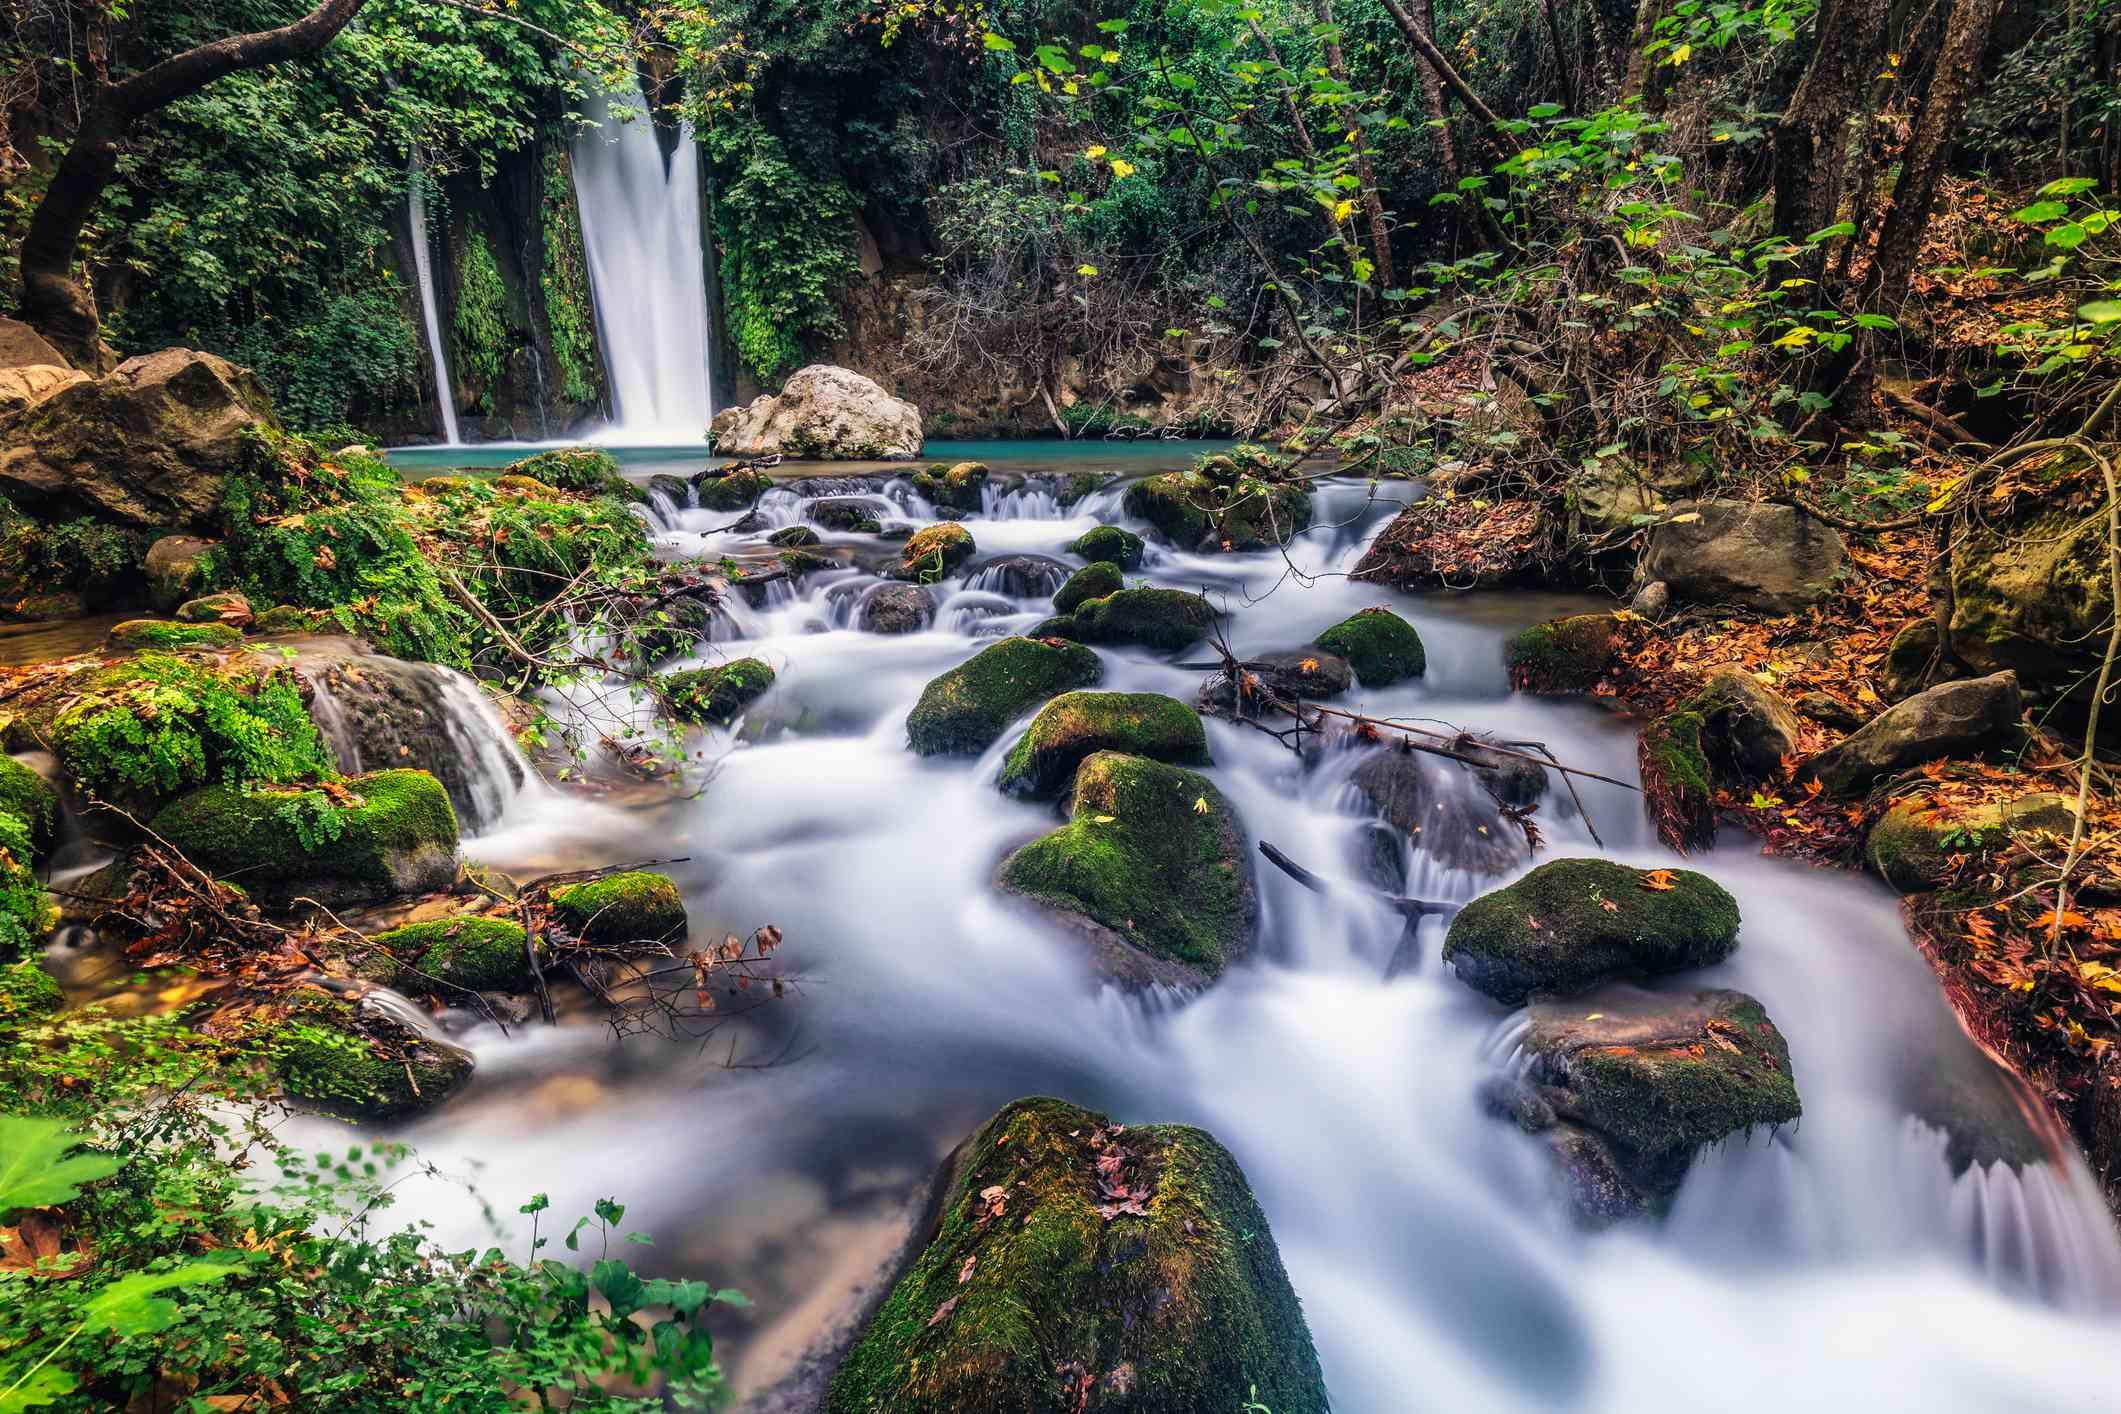 Banias, Israel